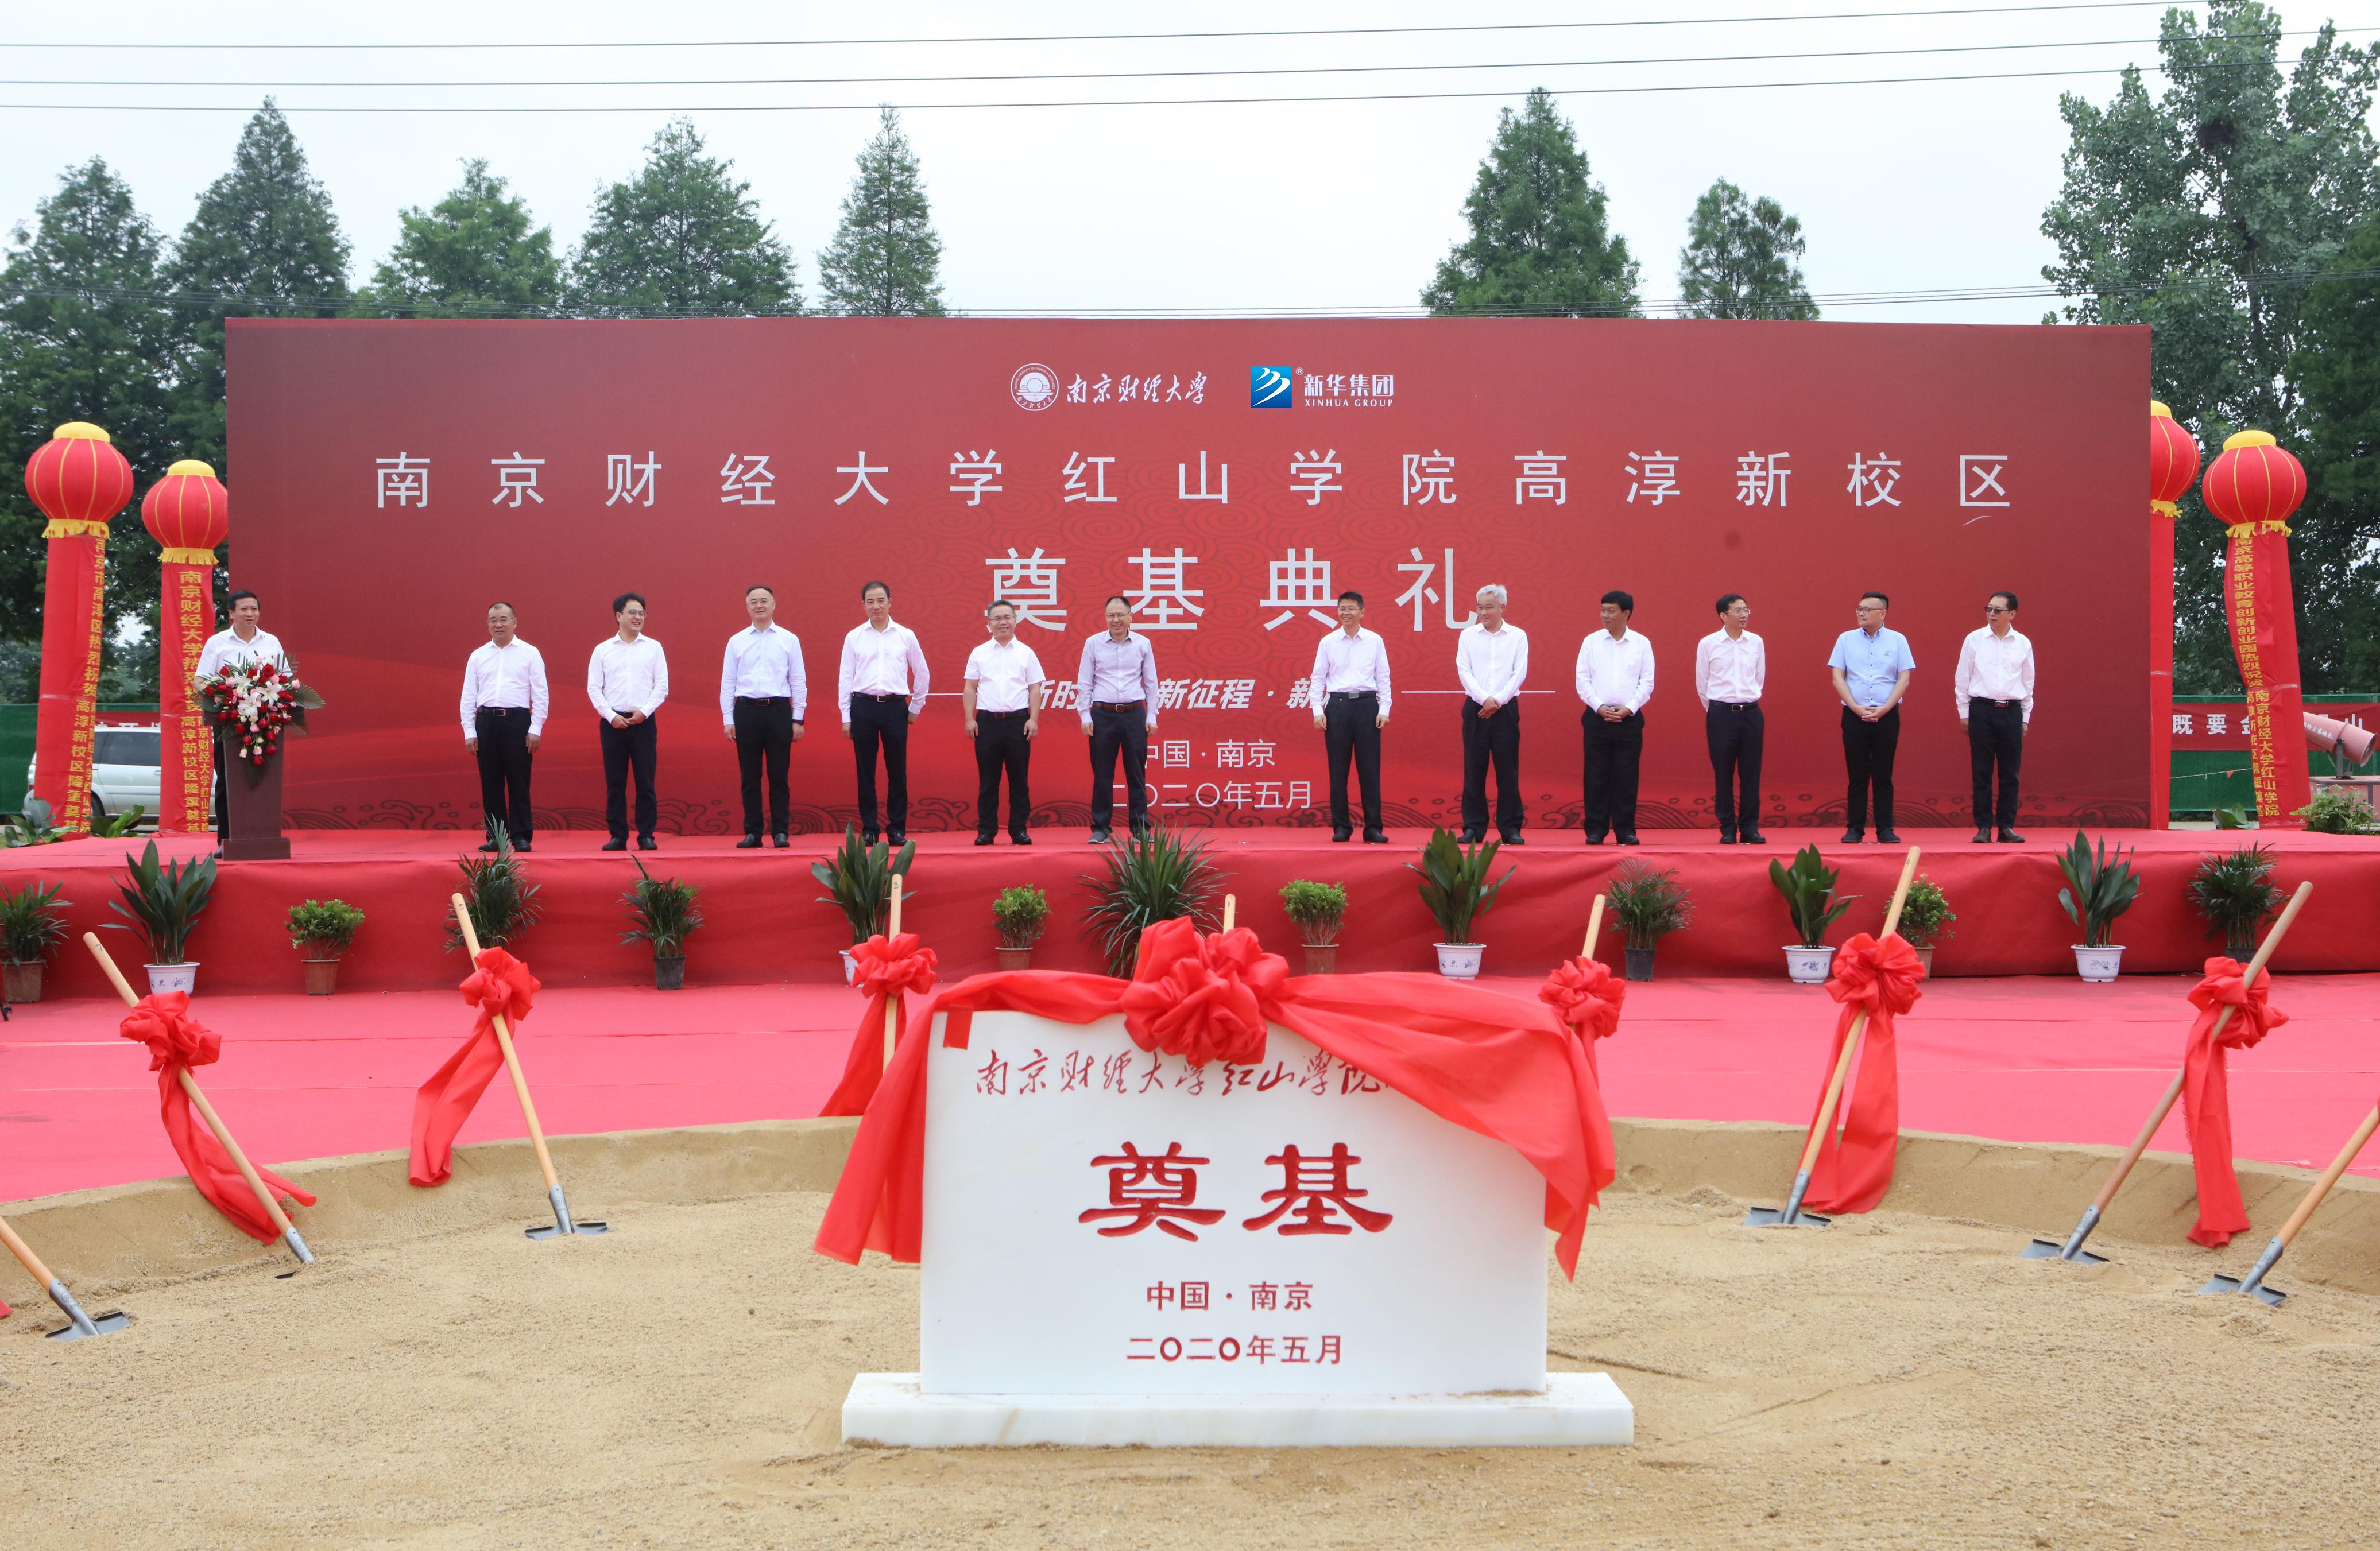 南京财经大学红山学院高淳新校区奠基典礼圆满举行